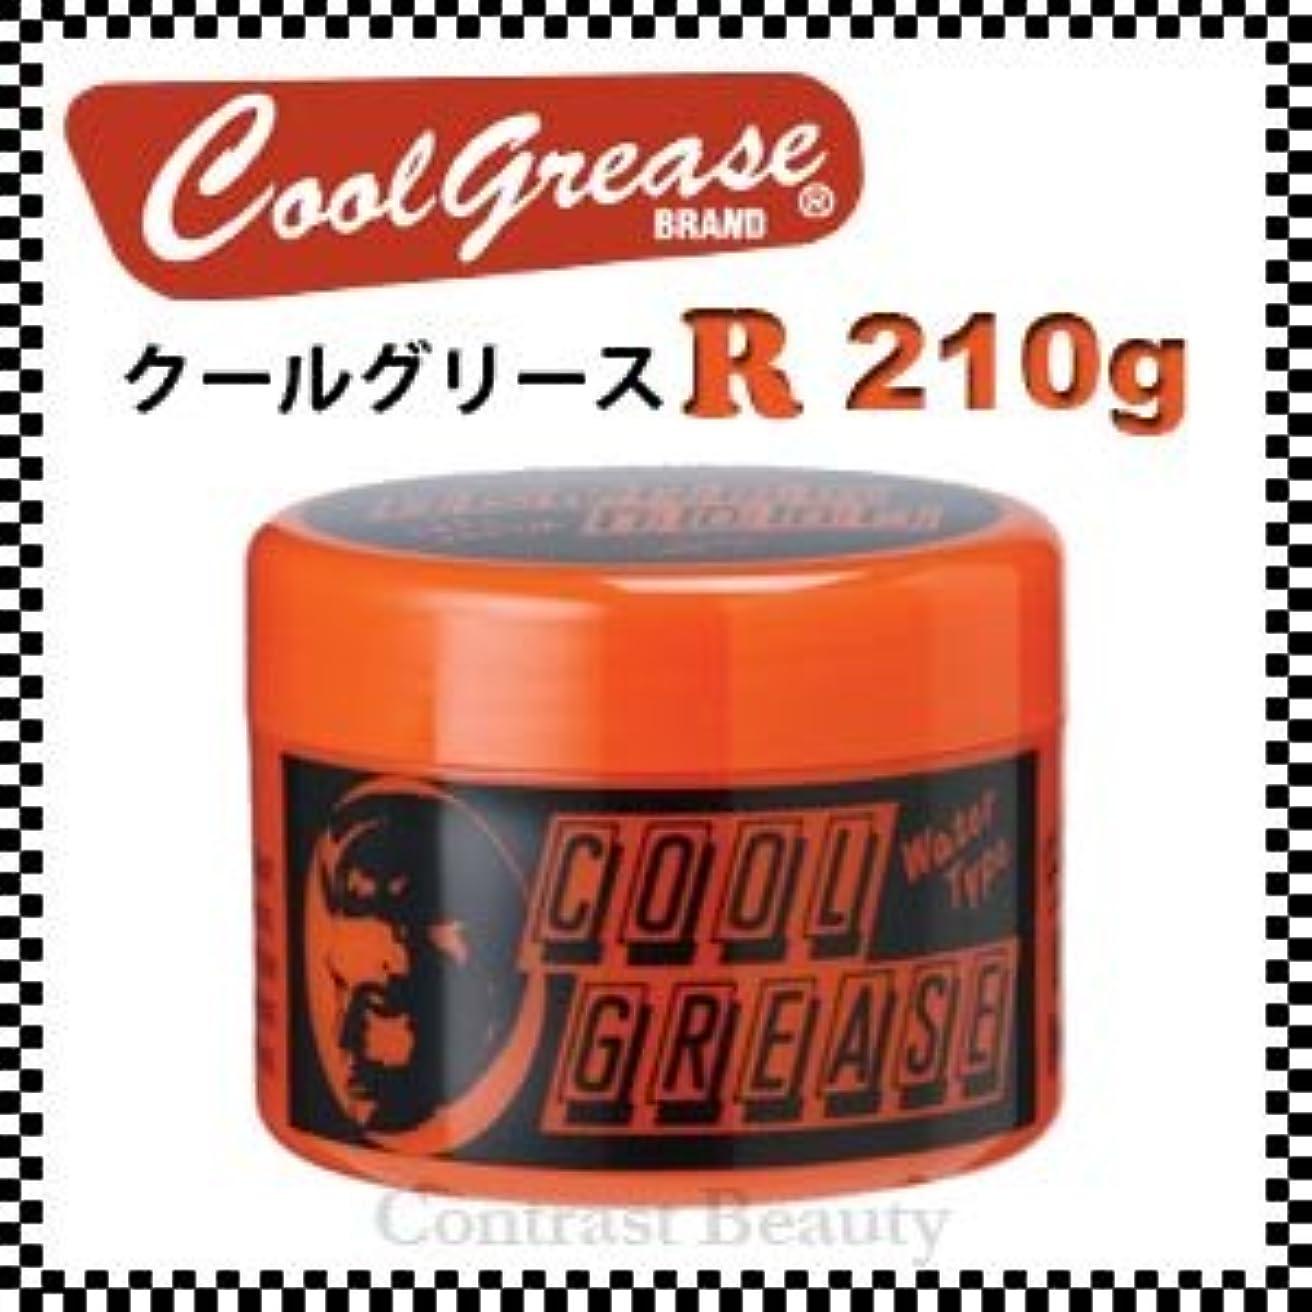 飲食店広範囲に連想【X3個セット】 阪本高生堂 クールグリース R 210g